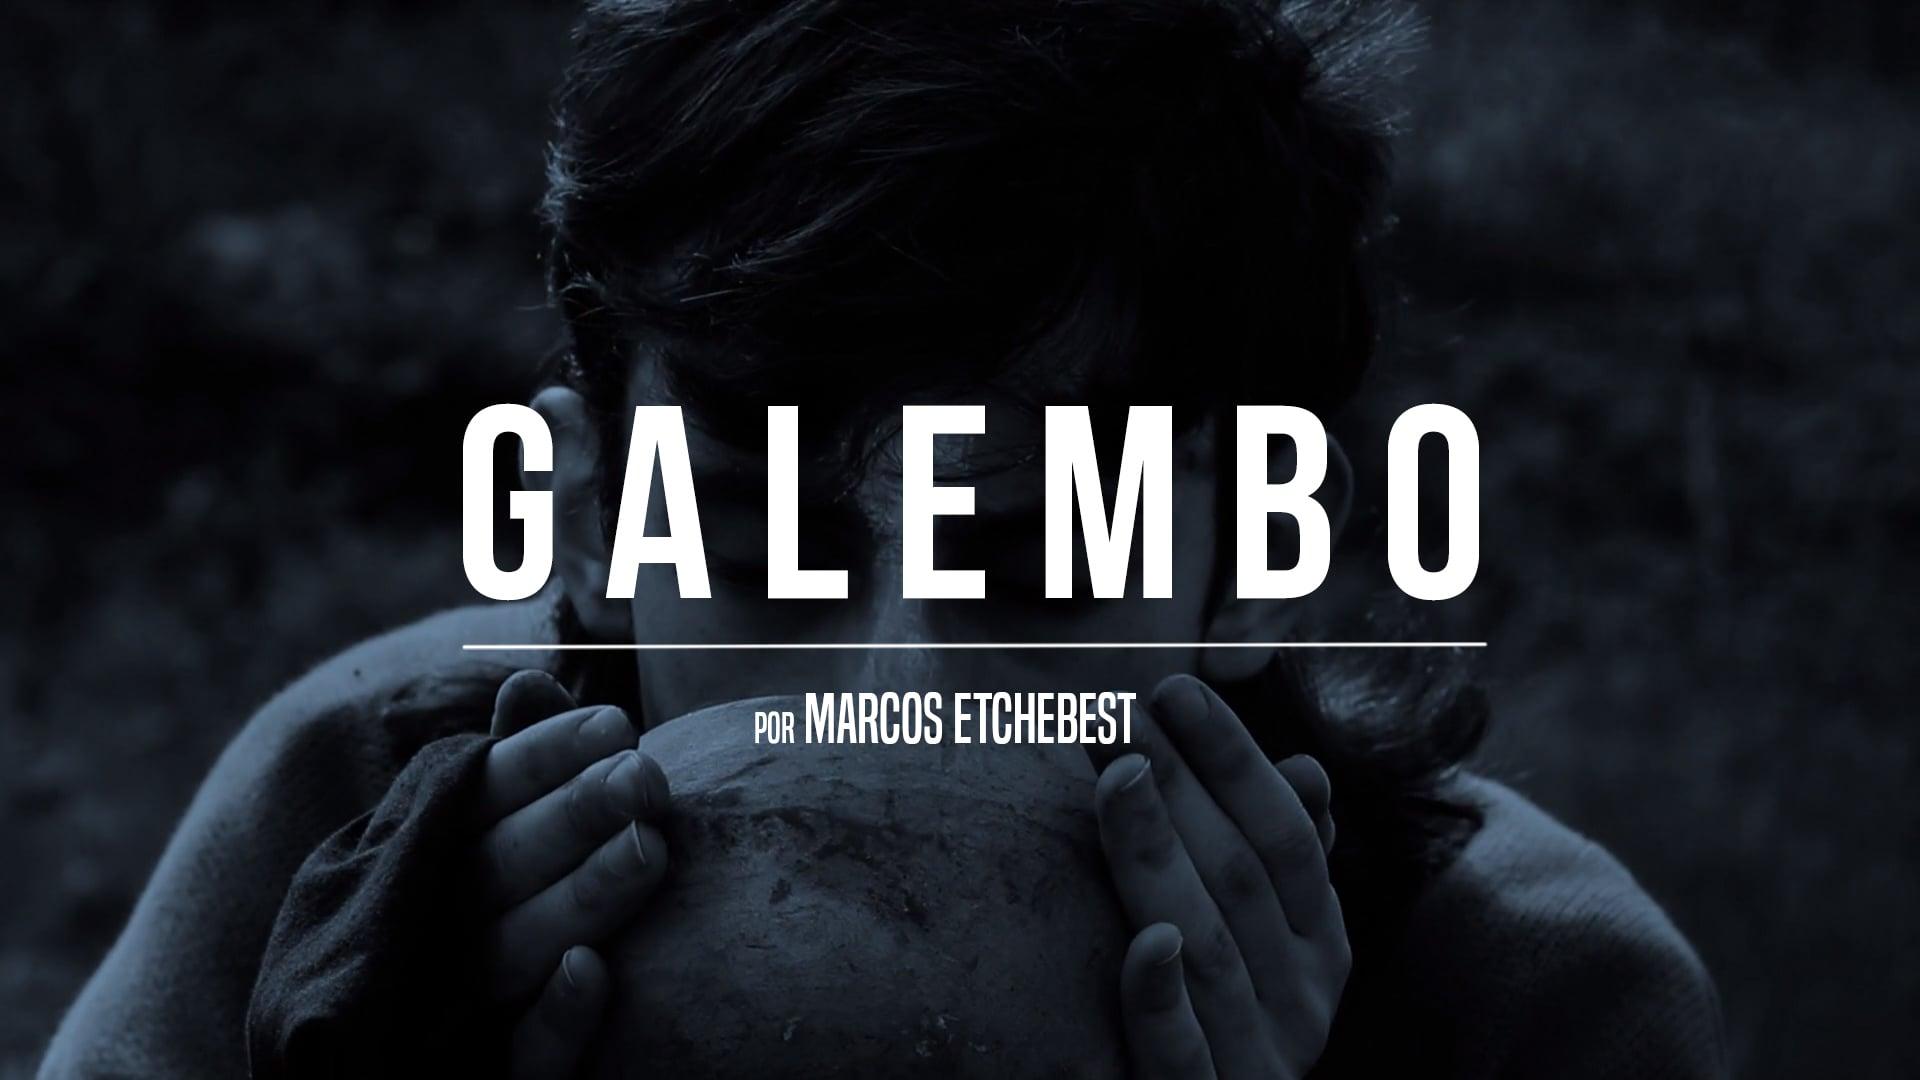 Galembo